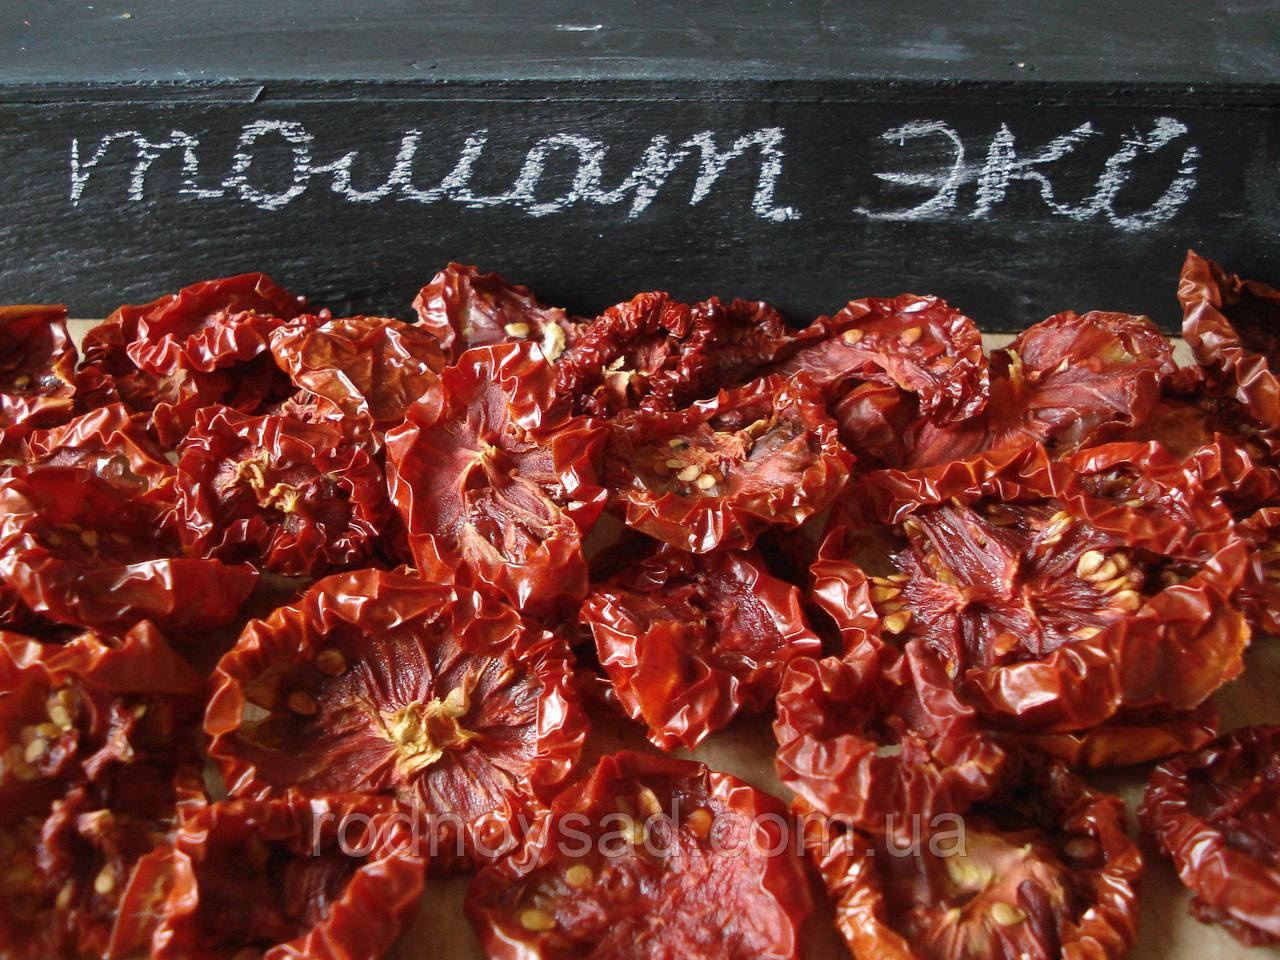 Помидор (томат) сушеный домашний (1 кг)